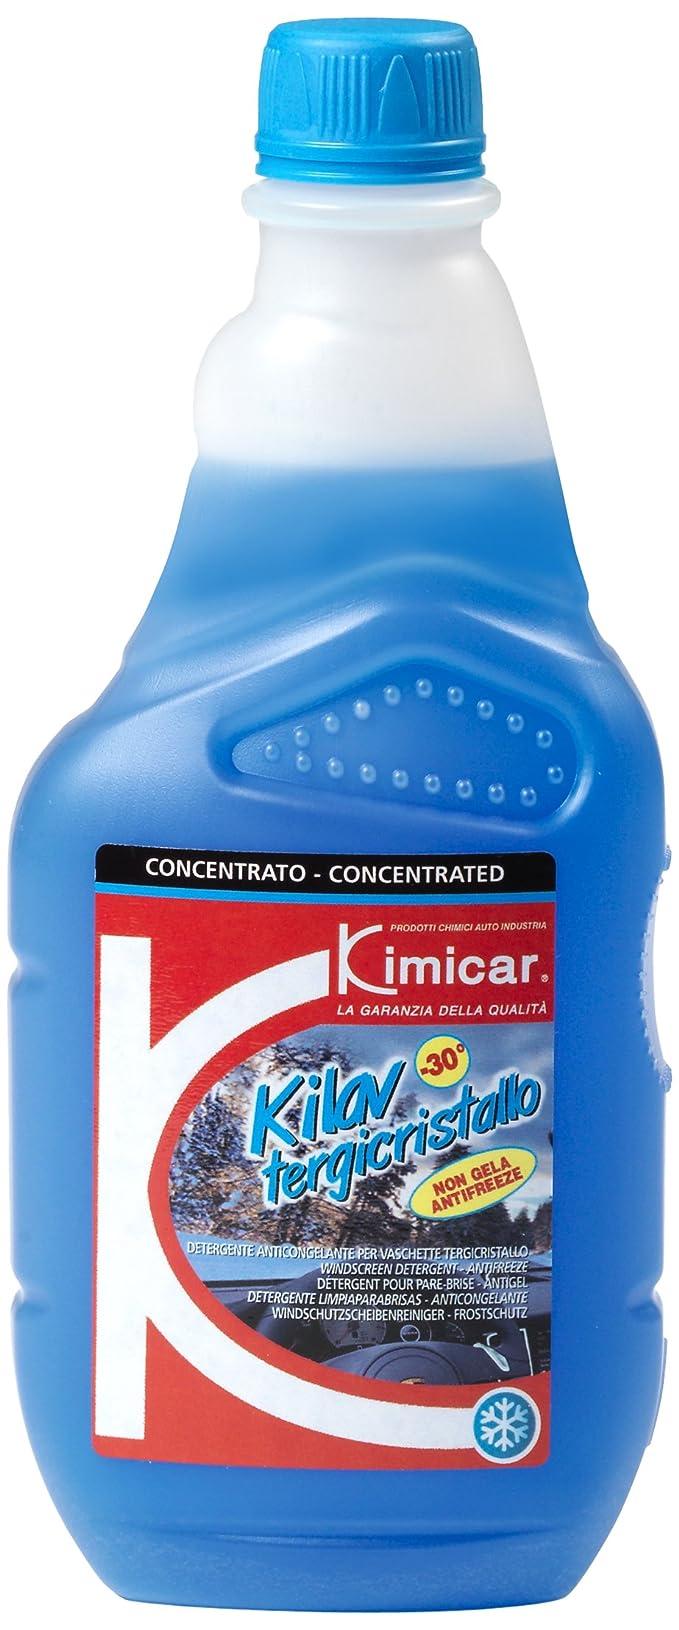 6fae535178 Kimicar 036T503 Kilav Liquide lave-glace antigel, -30°C, 500 ml, Bleu